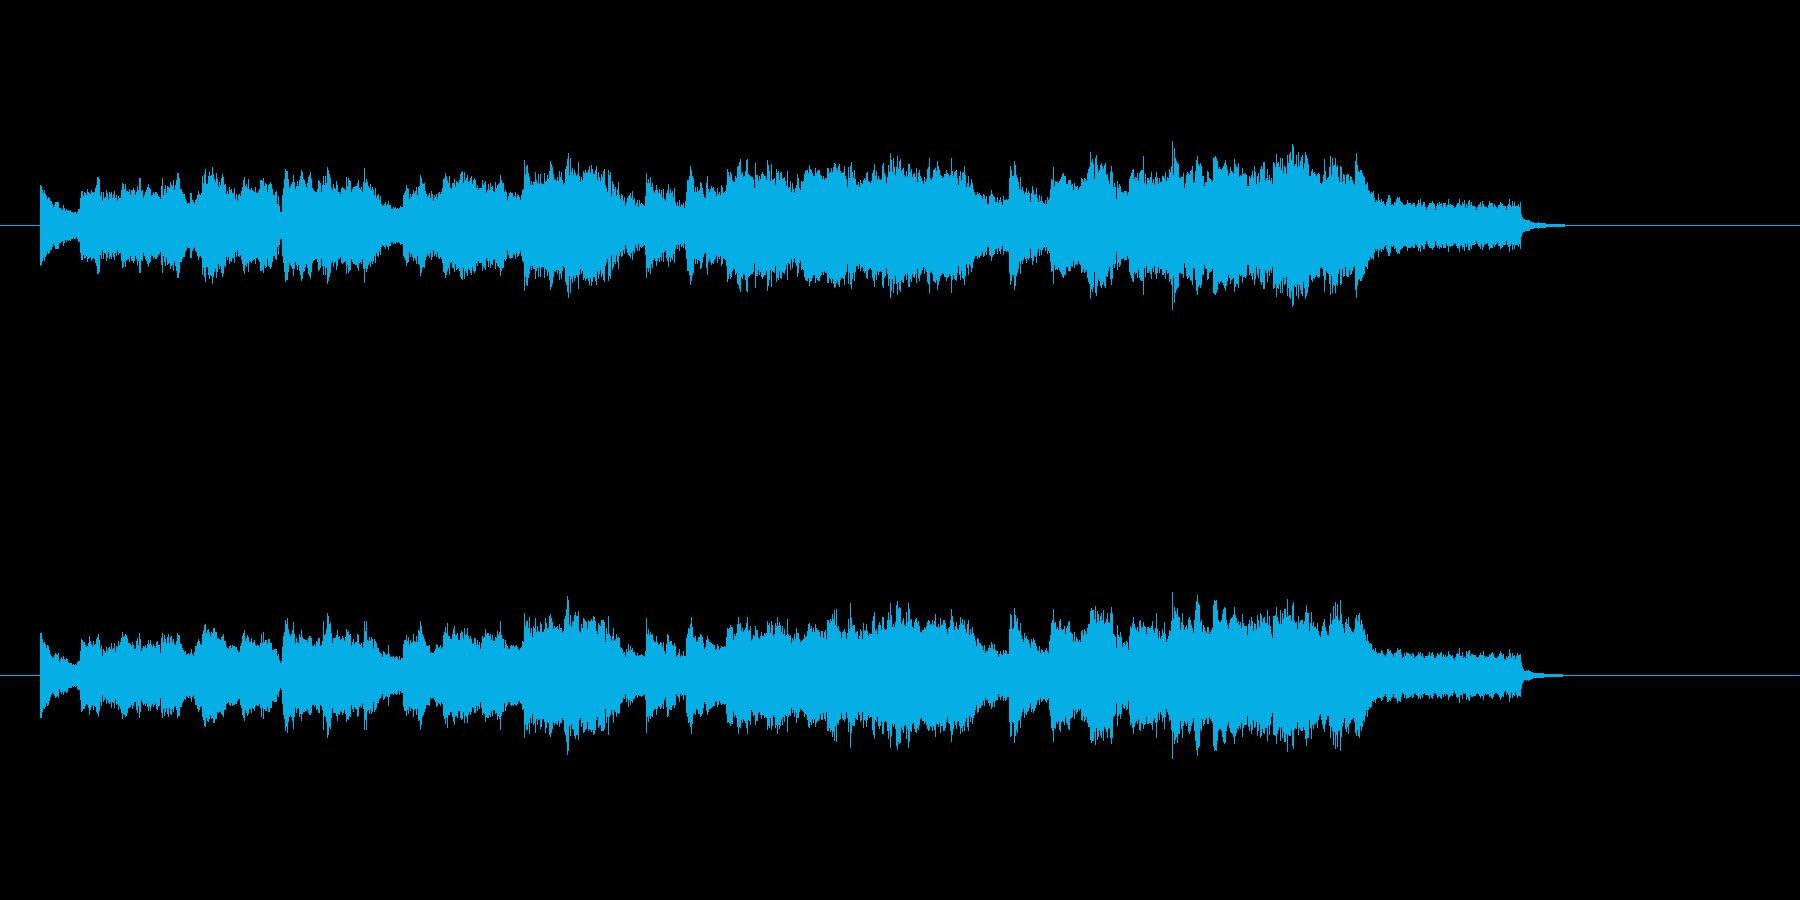 ストリングス 弦楽器 ほのぼのの再生済みの波形